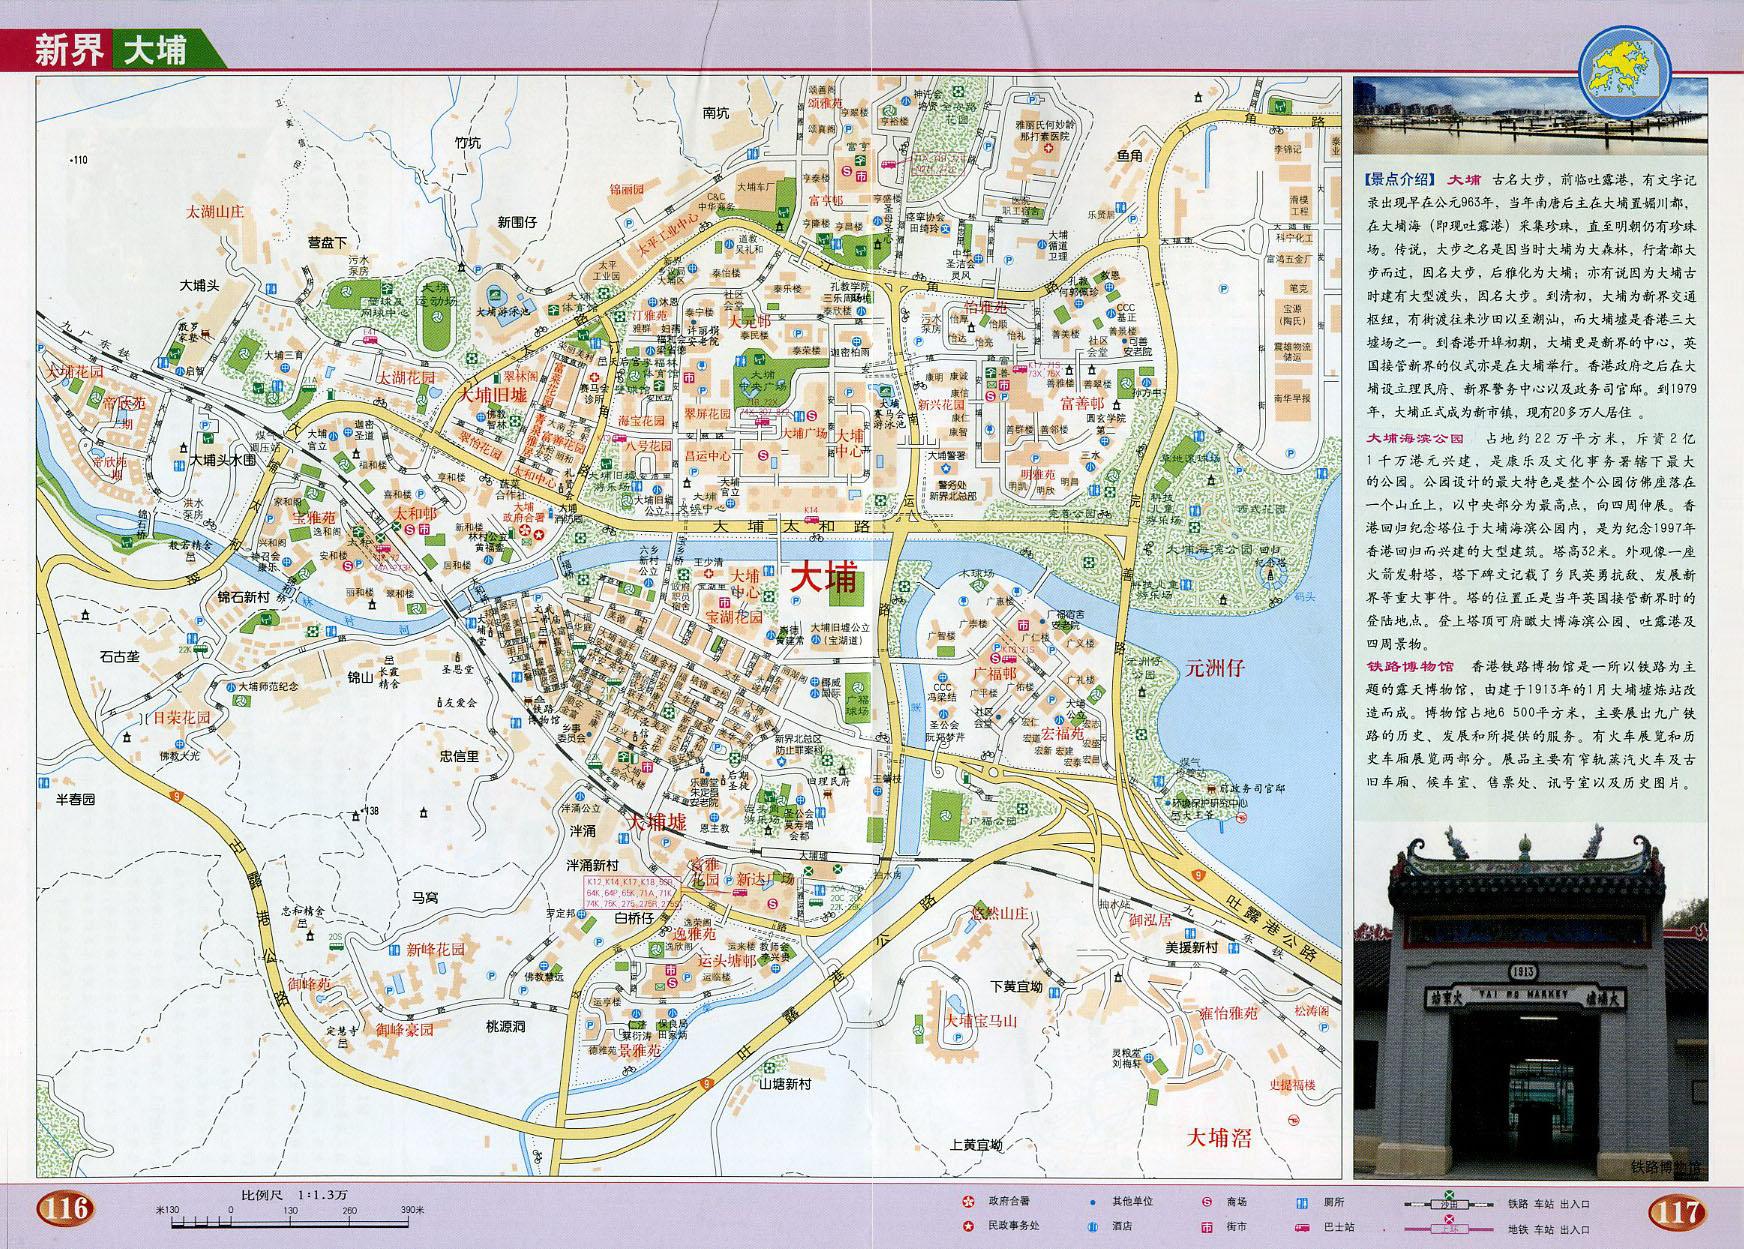 新界 大埔地图高清版